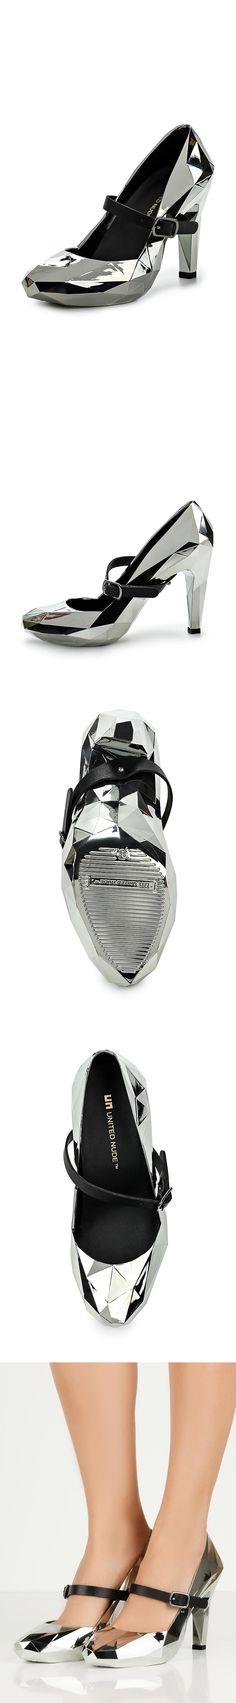 Женская обувь туфли United Nude за 23299.00 руб.